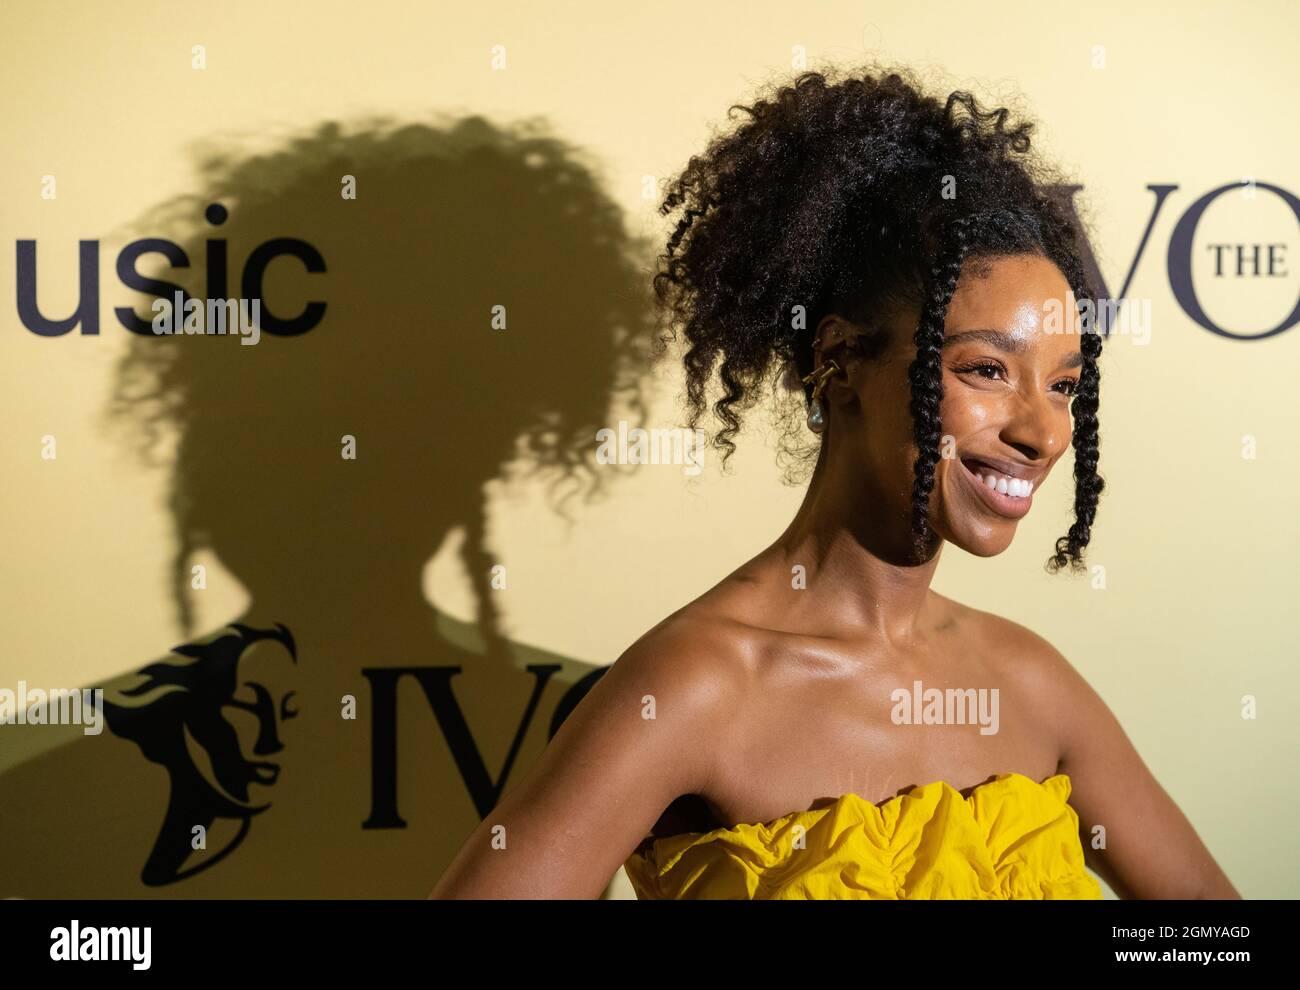 Lianne la Havas arriva al premio annuale Ivor Novello Songwriting Awards presso la Grosvenor House di Londra. Data foto: Martedì 21 settembre 2021. Foto Stock